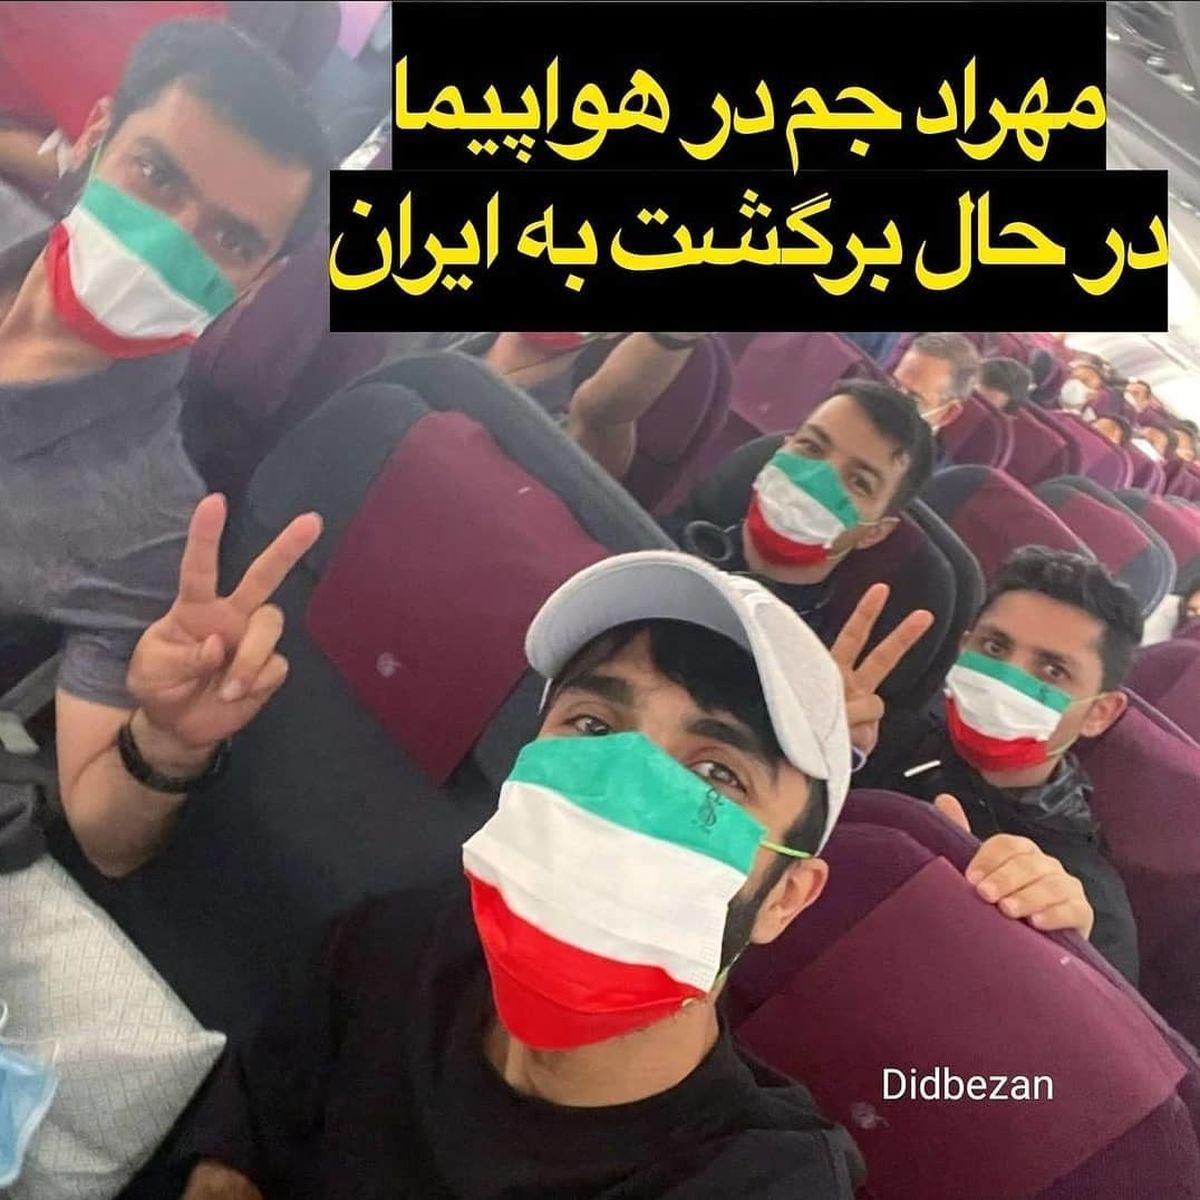 مهراد جم در هواپیما در حال بازگشت به ایران + عکس